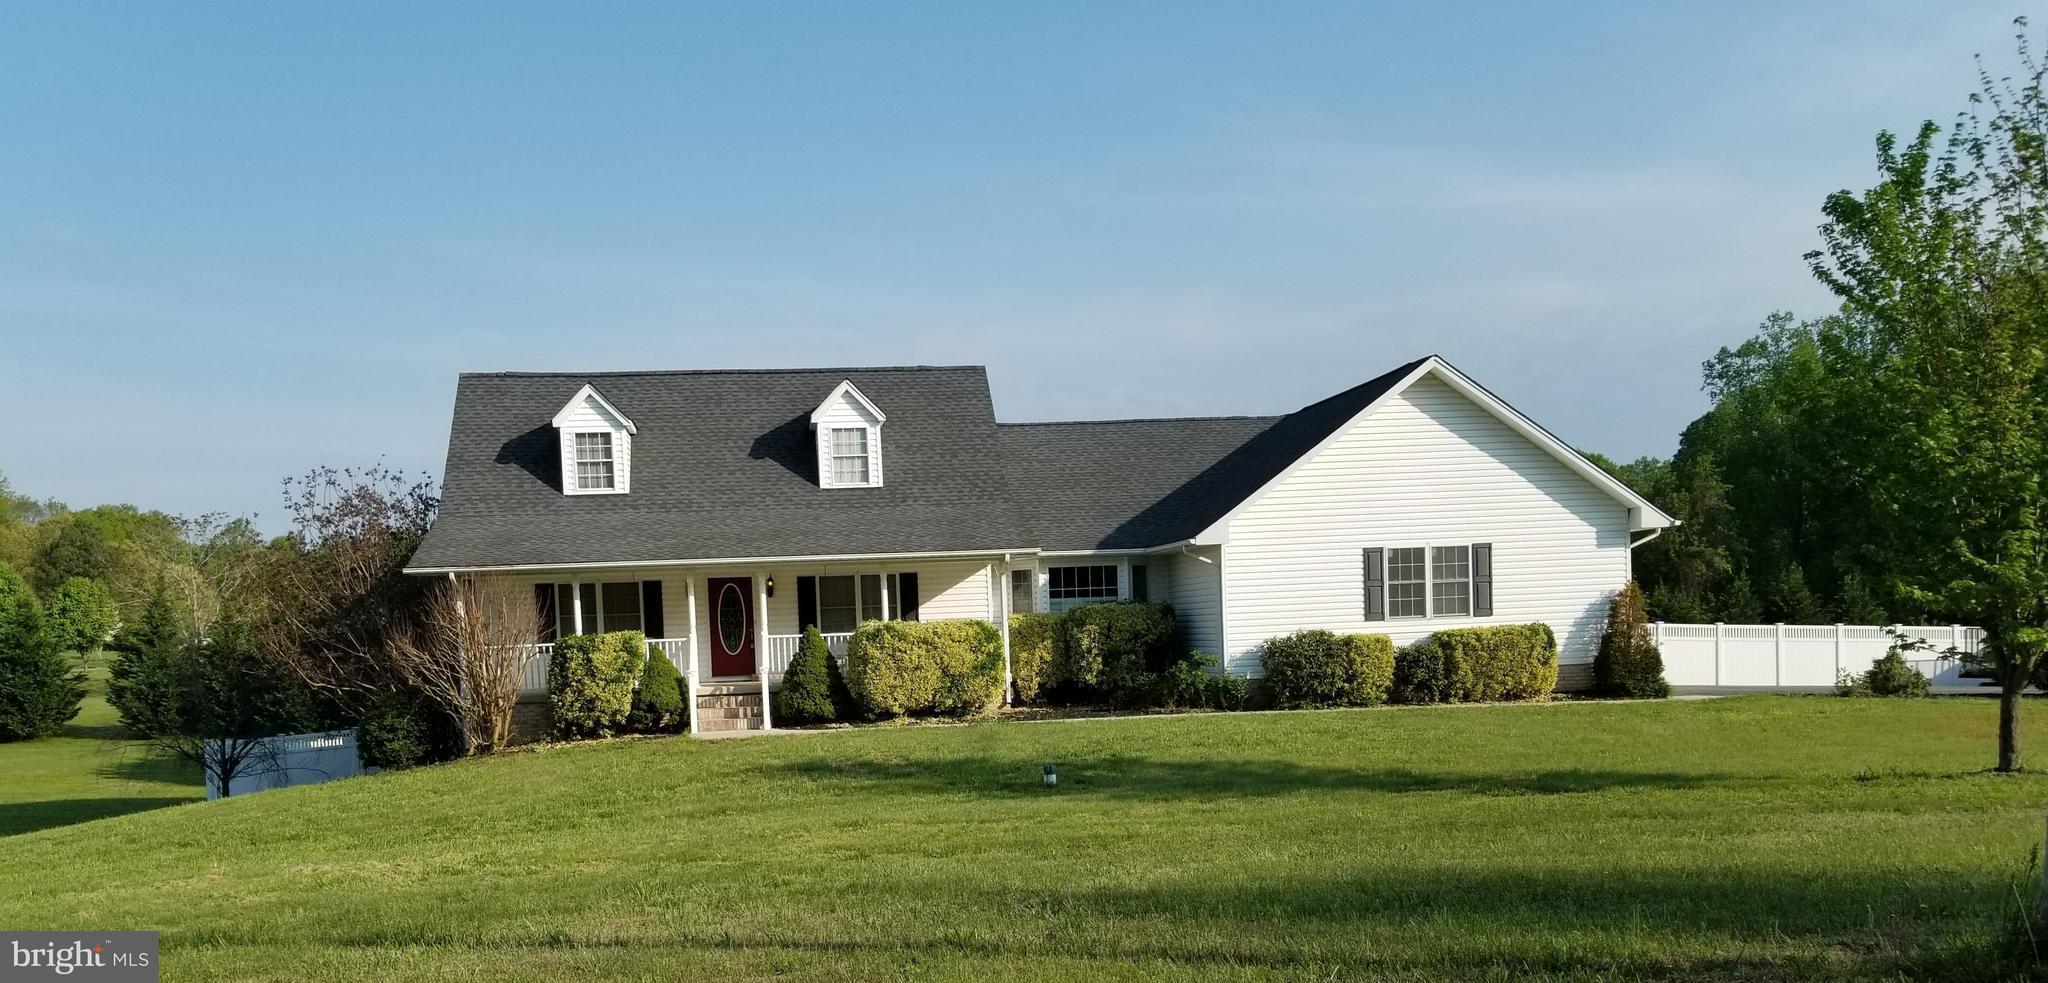 26745 QUEENTREE ROAD, Mechanicsville, MD, 20659, MLS # 1001579794 ...